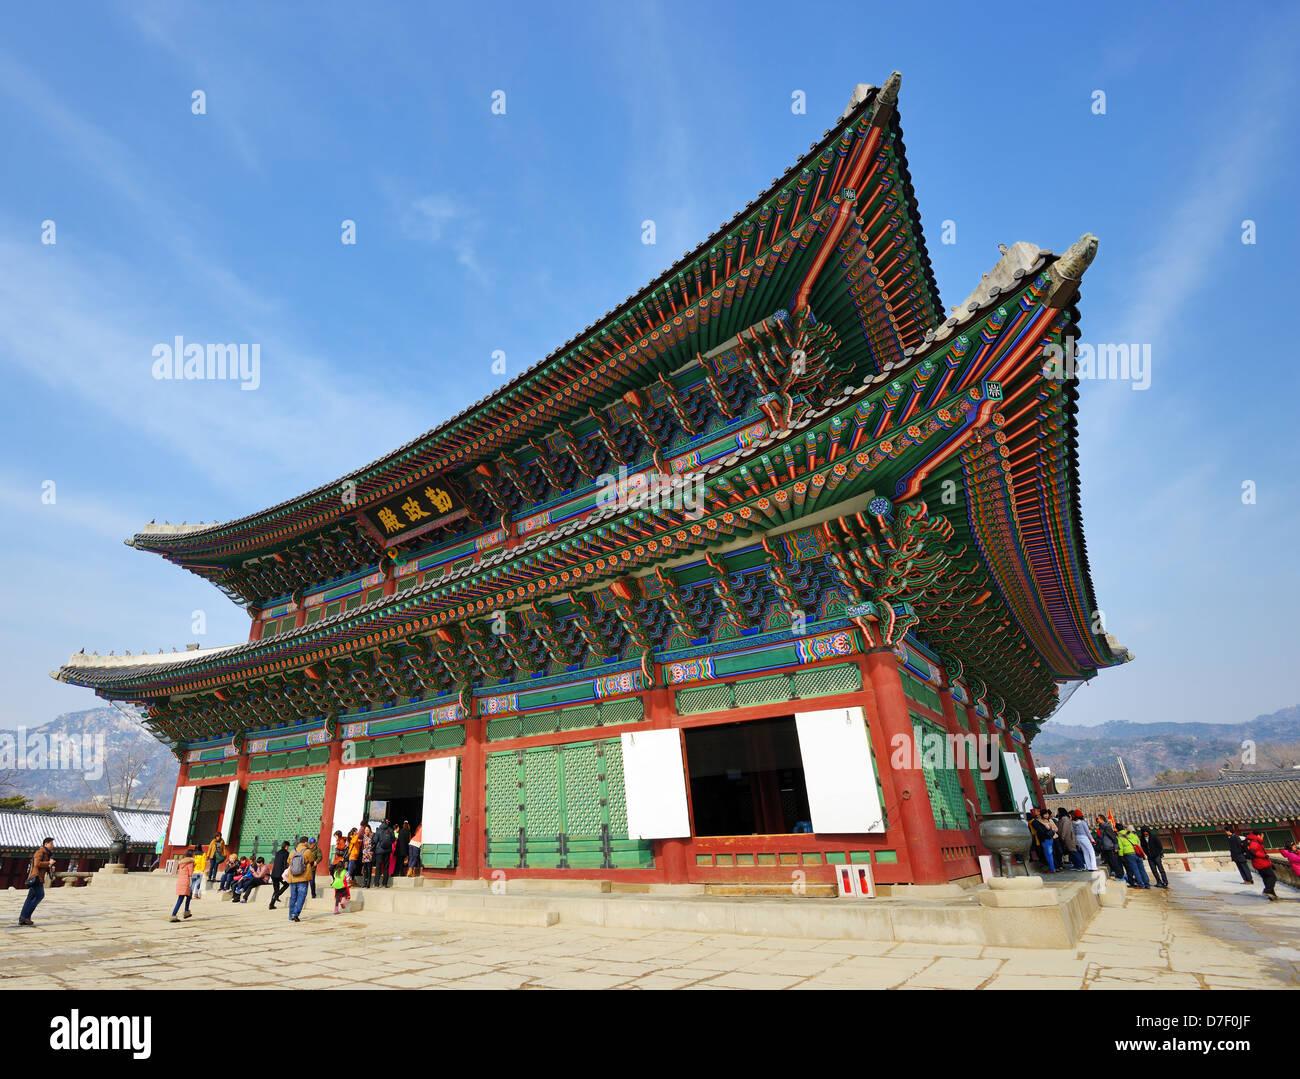 Il Palazzo Gyeongbokgung trono principale Hall di Seoul, Corea del Sud. Immagini Stock